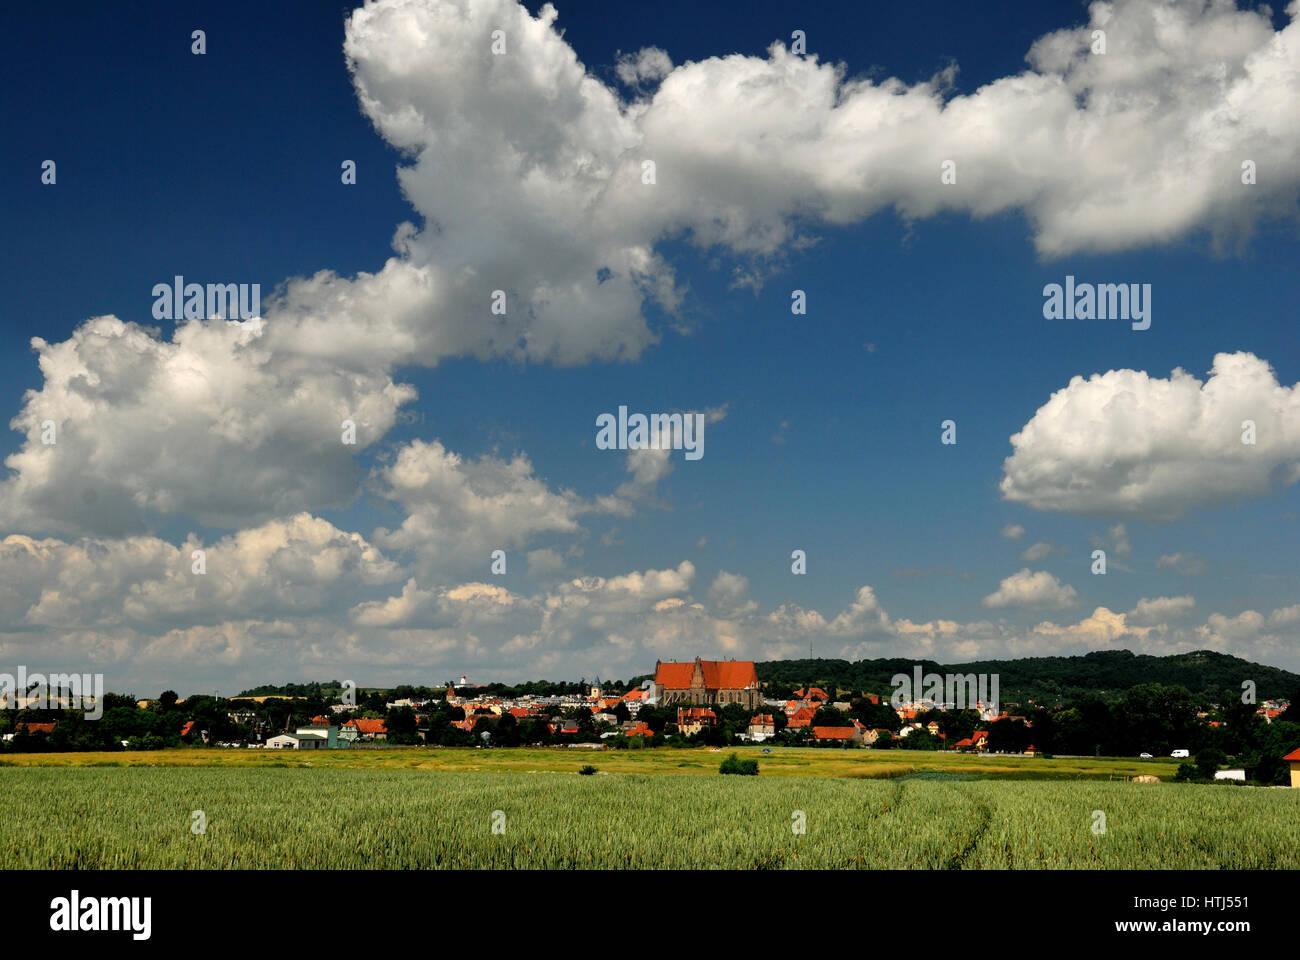 Dolnoslaskie, Europa, paisaje, niederschlesien, viejo, exterior, foto de Kazimierz jurewicz, Polonia, silesia, strzegom, Imagen De Stock